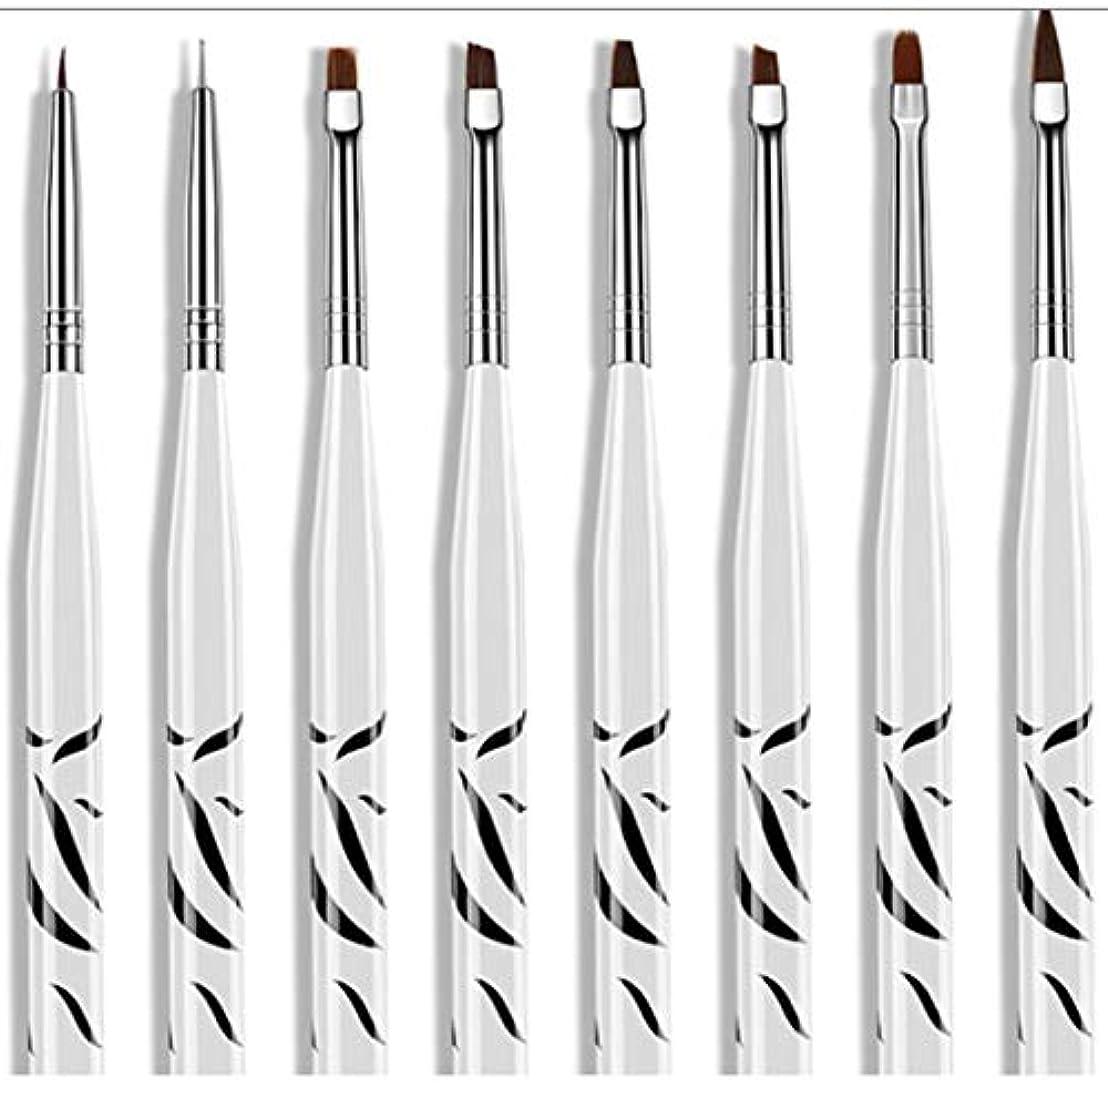 波紋スクラブ曲げる8個ゼブラセットネイルアートペインティングストライプラインブラシペンマルチカラーステンレススチール刻まれたプルワイヤー塗装ネイルペン-ホワイト